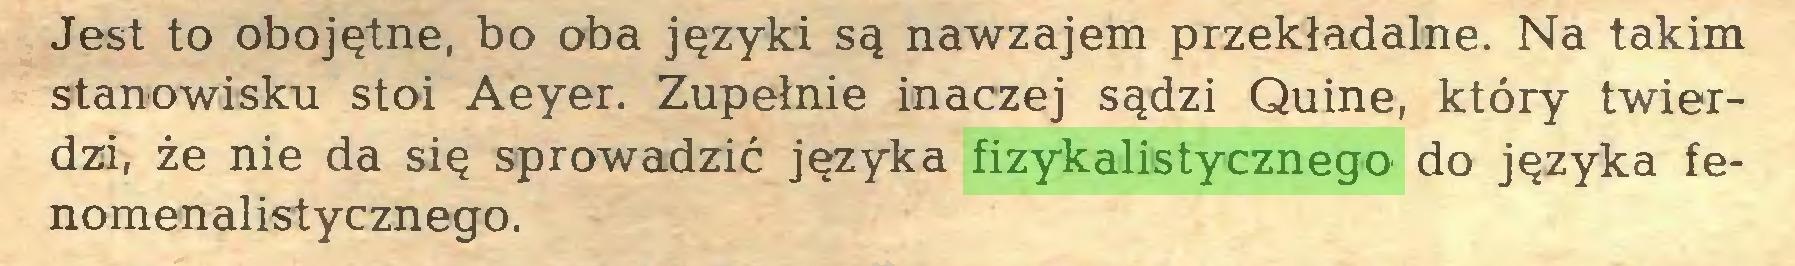 (...) Jest to obojętne, bo oba języki są nawzajem przekładalne. Na takim stanowisku stoi Aeyer. Zupełnie inaczej sądzi Quine, który twierdzi, że nie da się sprowadzić języka fizykalistycznego do języka fenomenalistycznego...